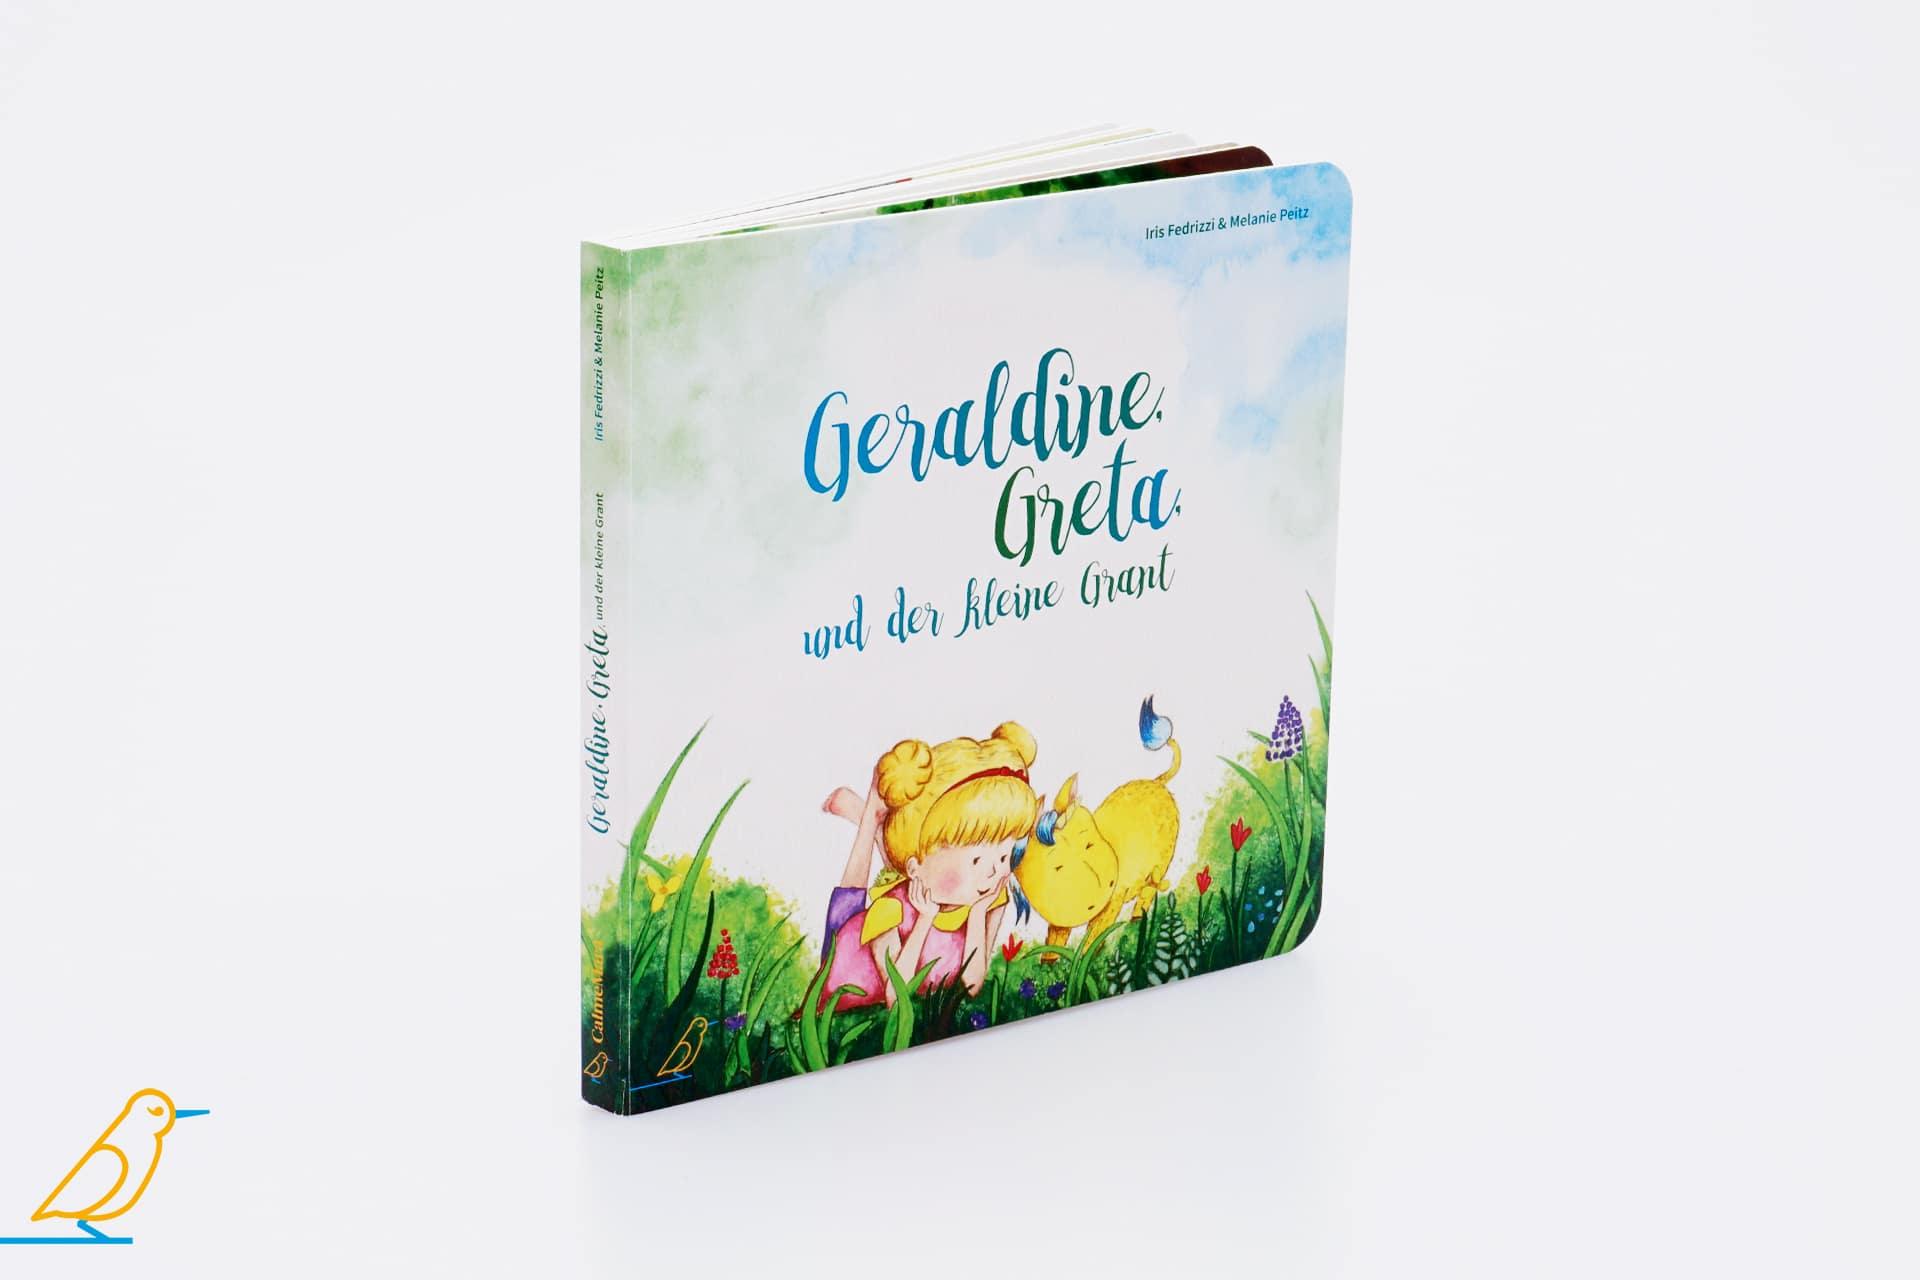 Geraldine, Greta und der kleine Grant Seitenansicht